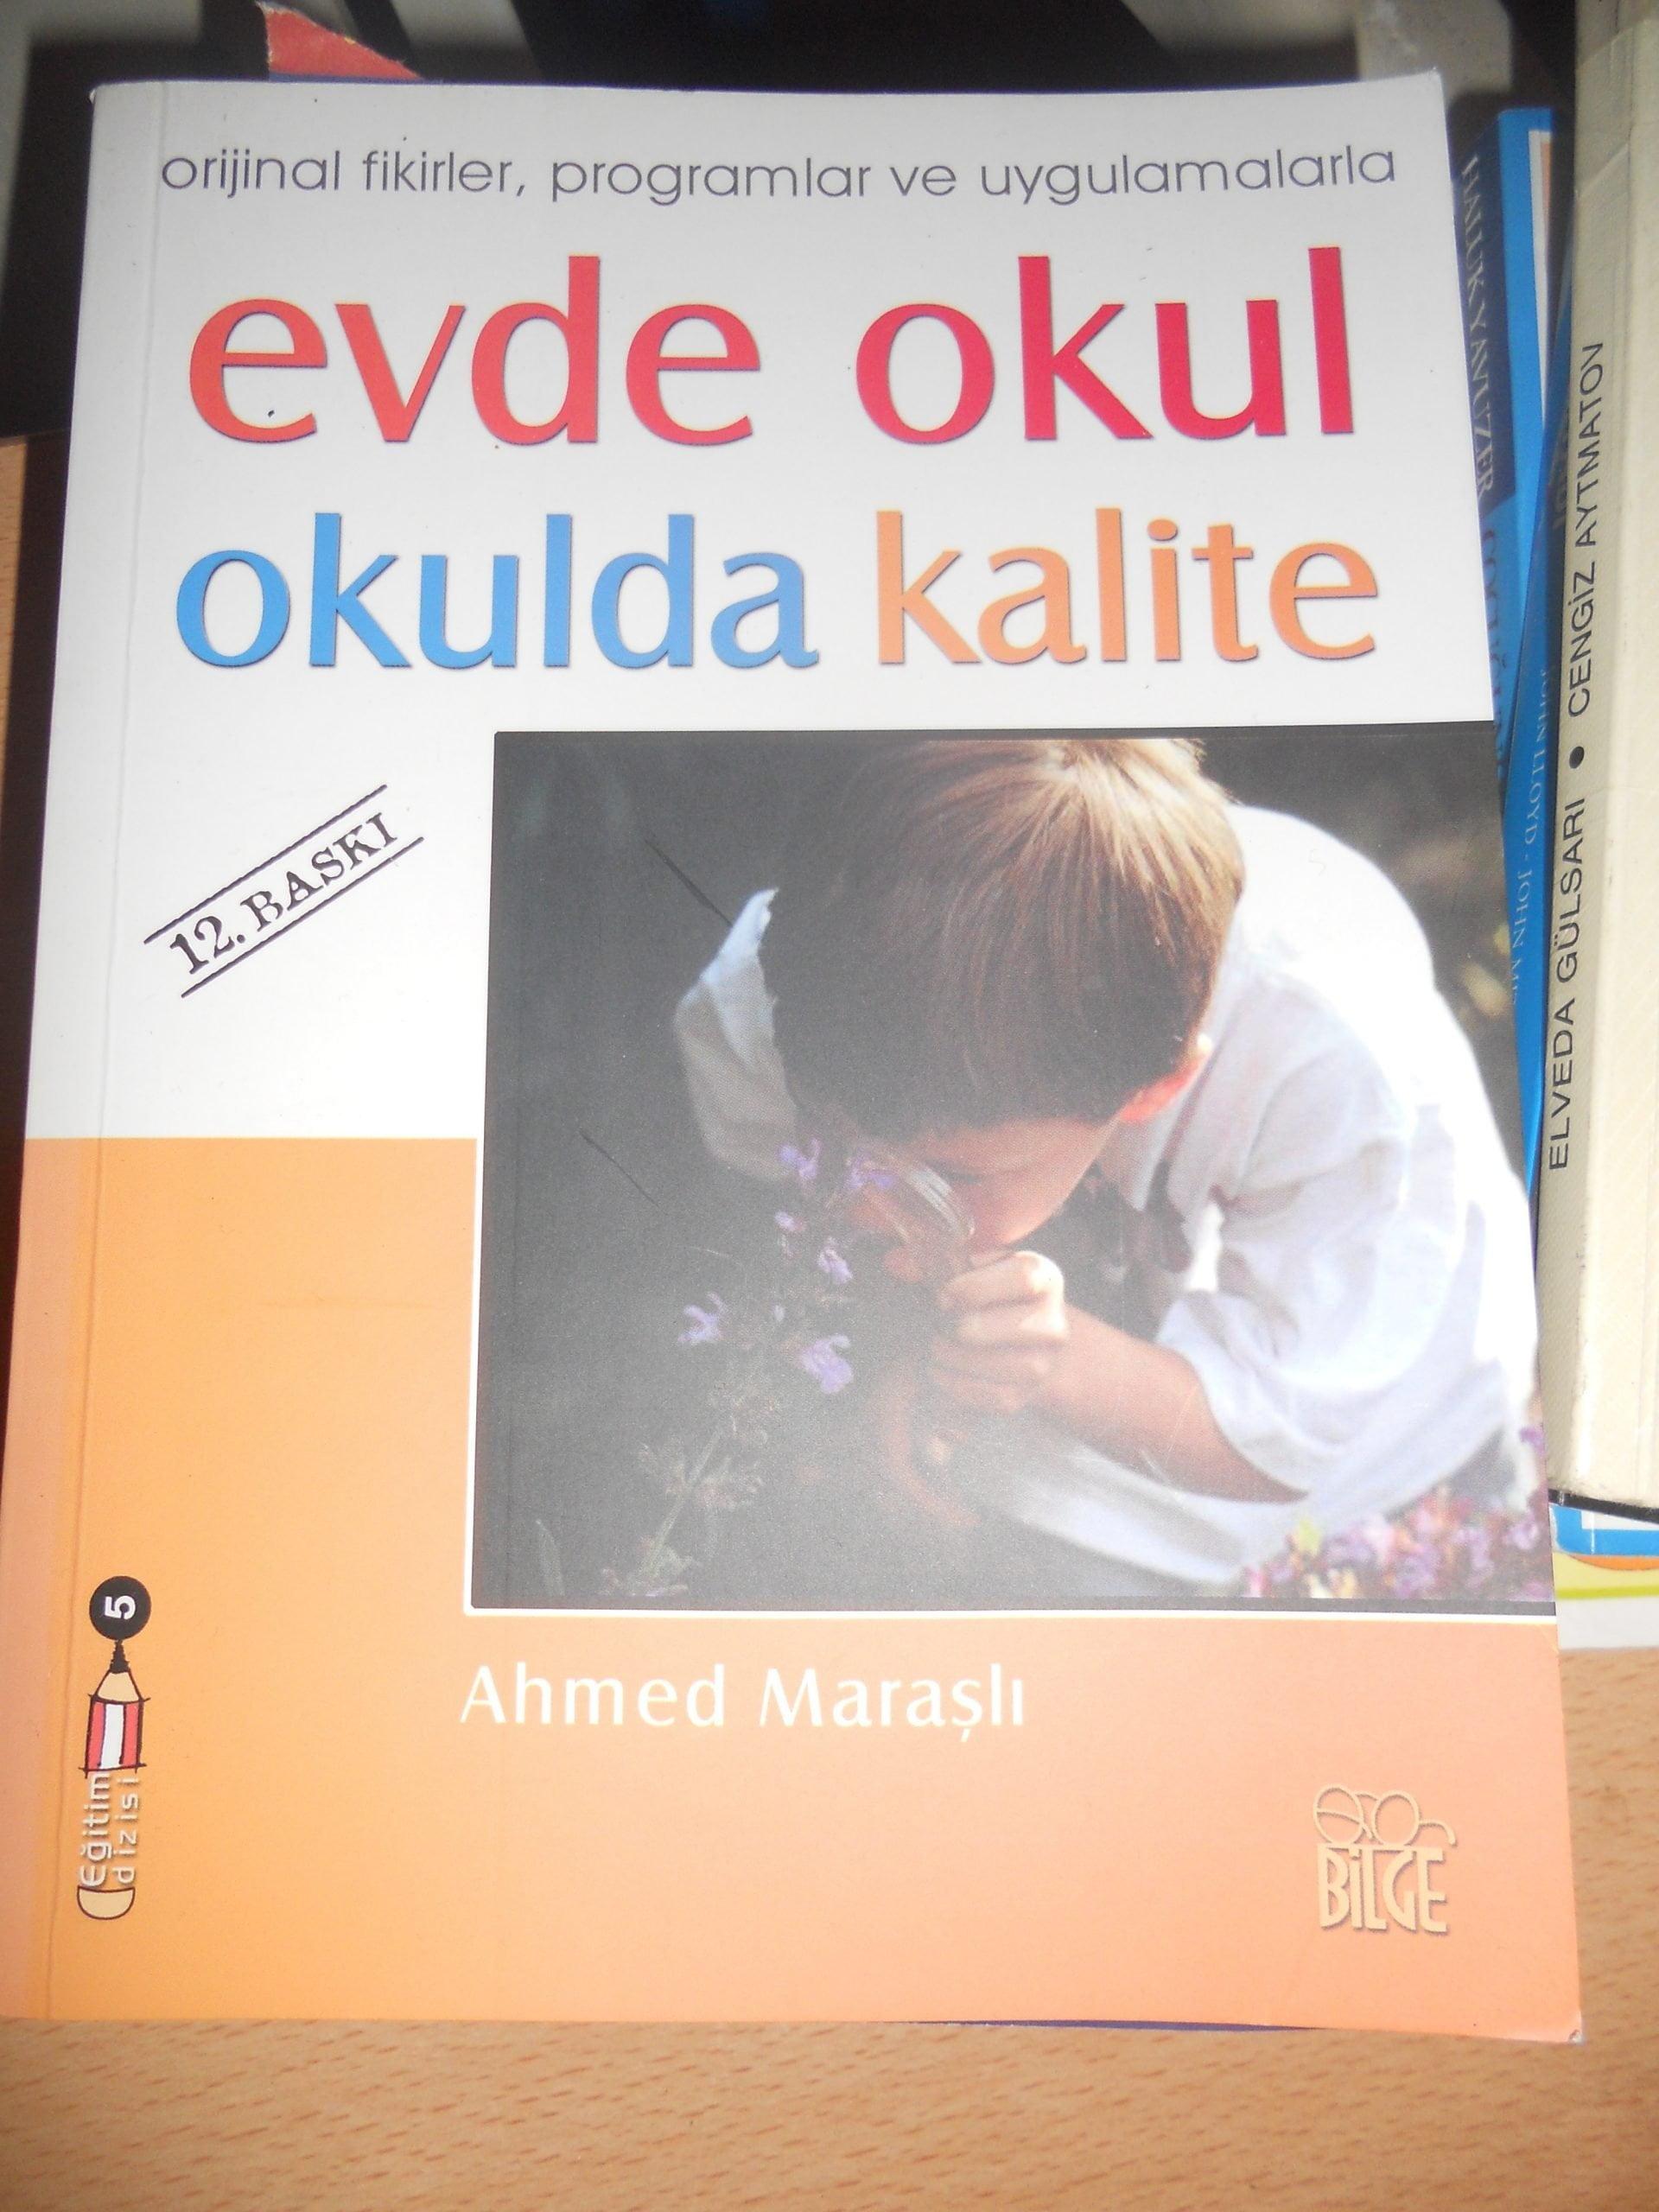 EVDE OKUL OKULDA KALİTE/Ahmet MARAŞLI/10 TL